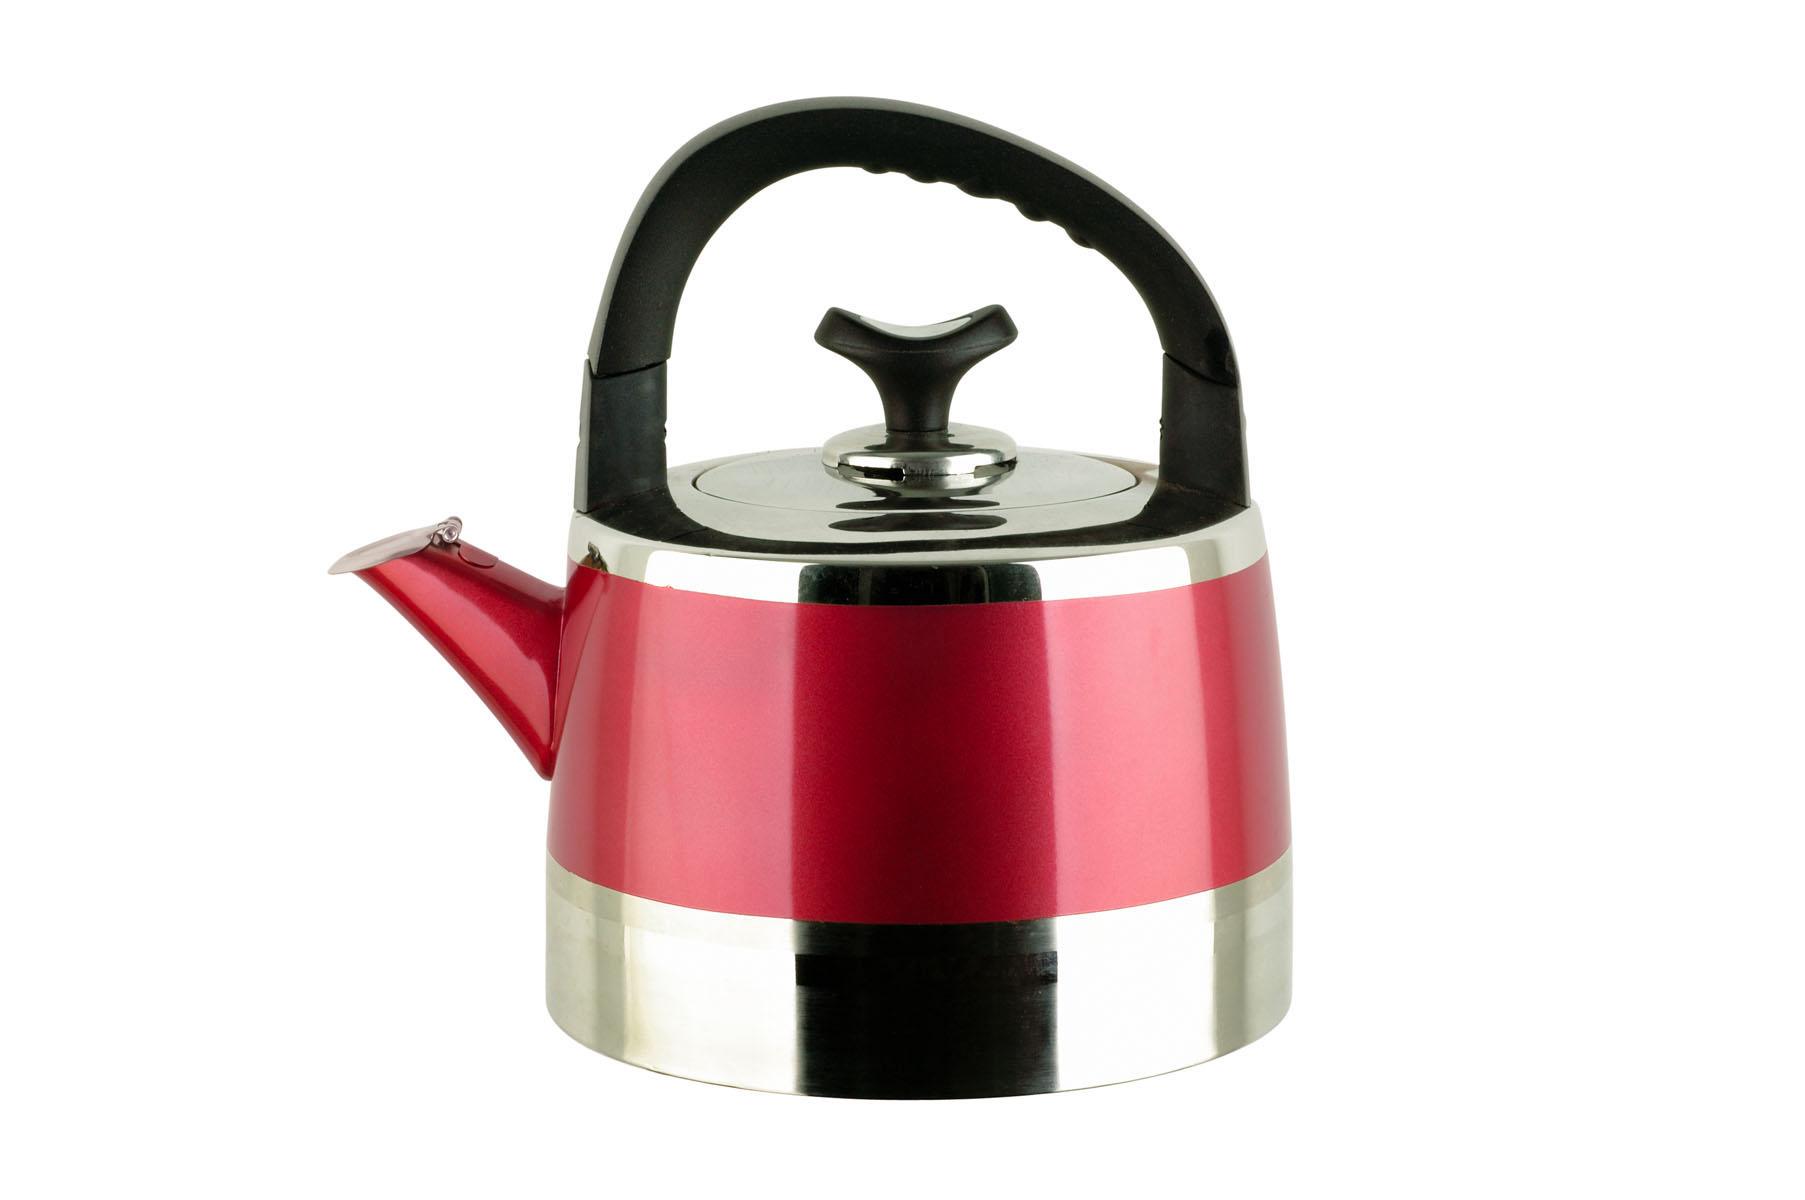 Чайник Bekker Koch со свистком, цвет: красный, 3 л. BK-S447BK-S447Чайник Bekker Koch изготовлен из высококачественной нержавеющей стали 18/10 с зеркальной полировкой и красной полосой по центру. Цельнометаллическое дно распределяет тепло по всей поверхности, что позволяет чайнику быстро закипать. Эргономичная подвижная ручка выполнена из бакелита черного цвета. Носик оснащен откидным свистком, который подскажет, когда вода закипела. Широкое отверстие по верхнему краю позволяет удобно наливать воду. Оригинальный дизайн эффектно дополнит интерьер кухни.Подходит для всех типов плит, включая индукционные. Можно мыть в посудомоечной машине.